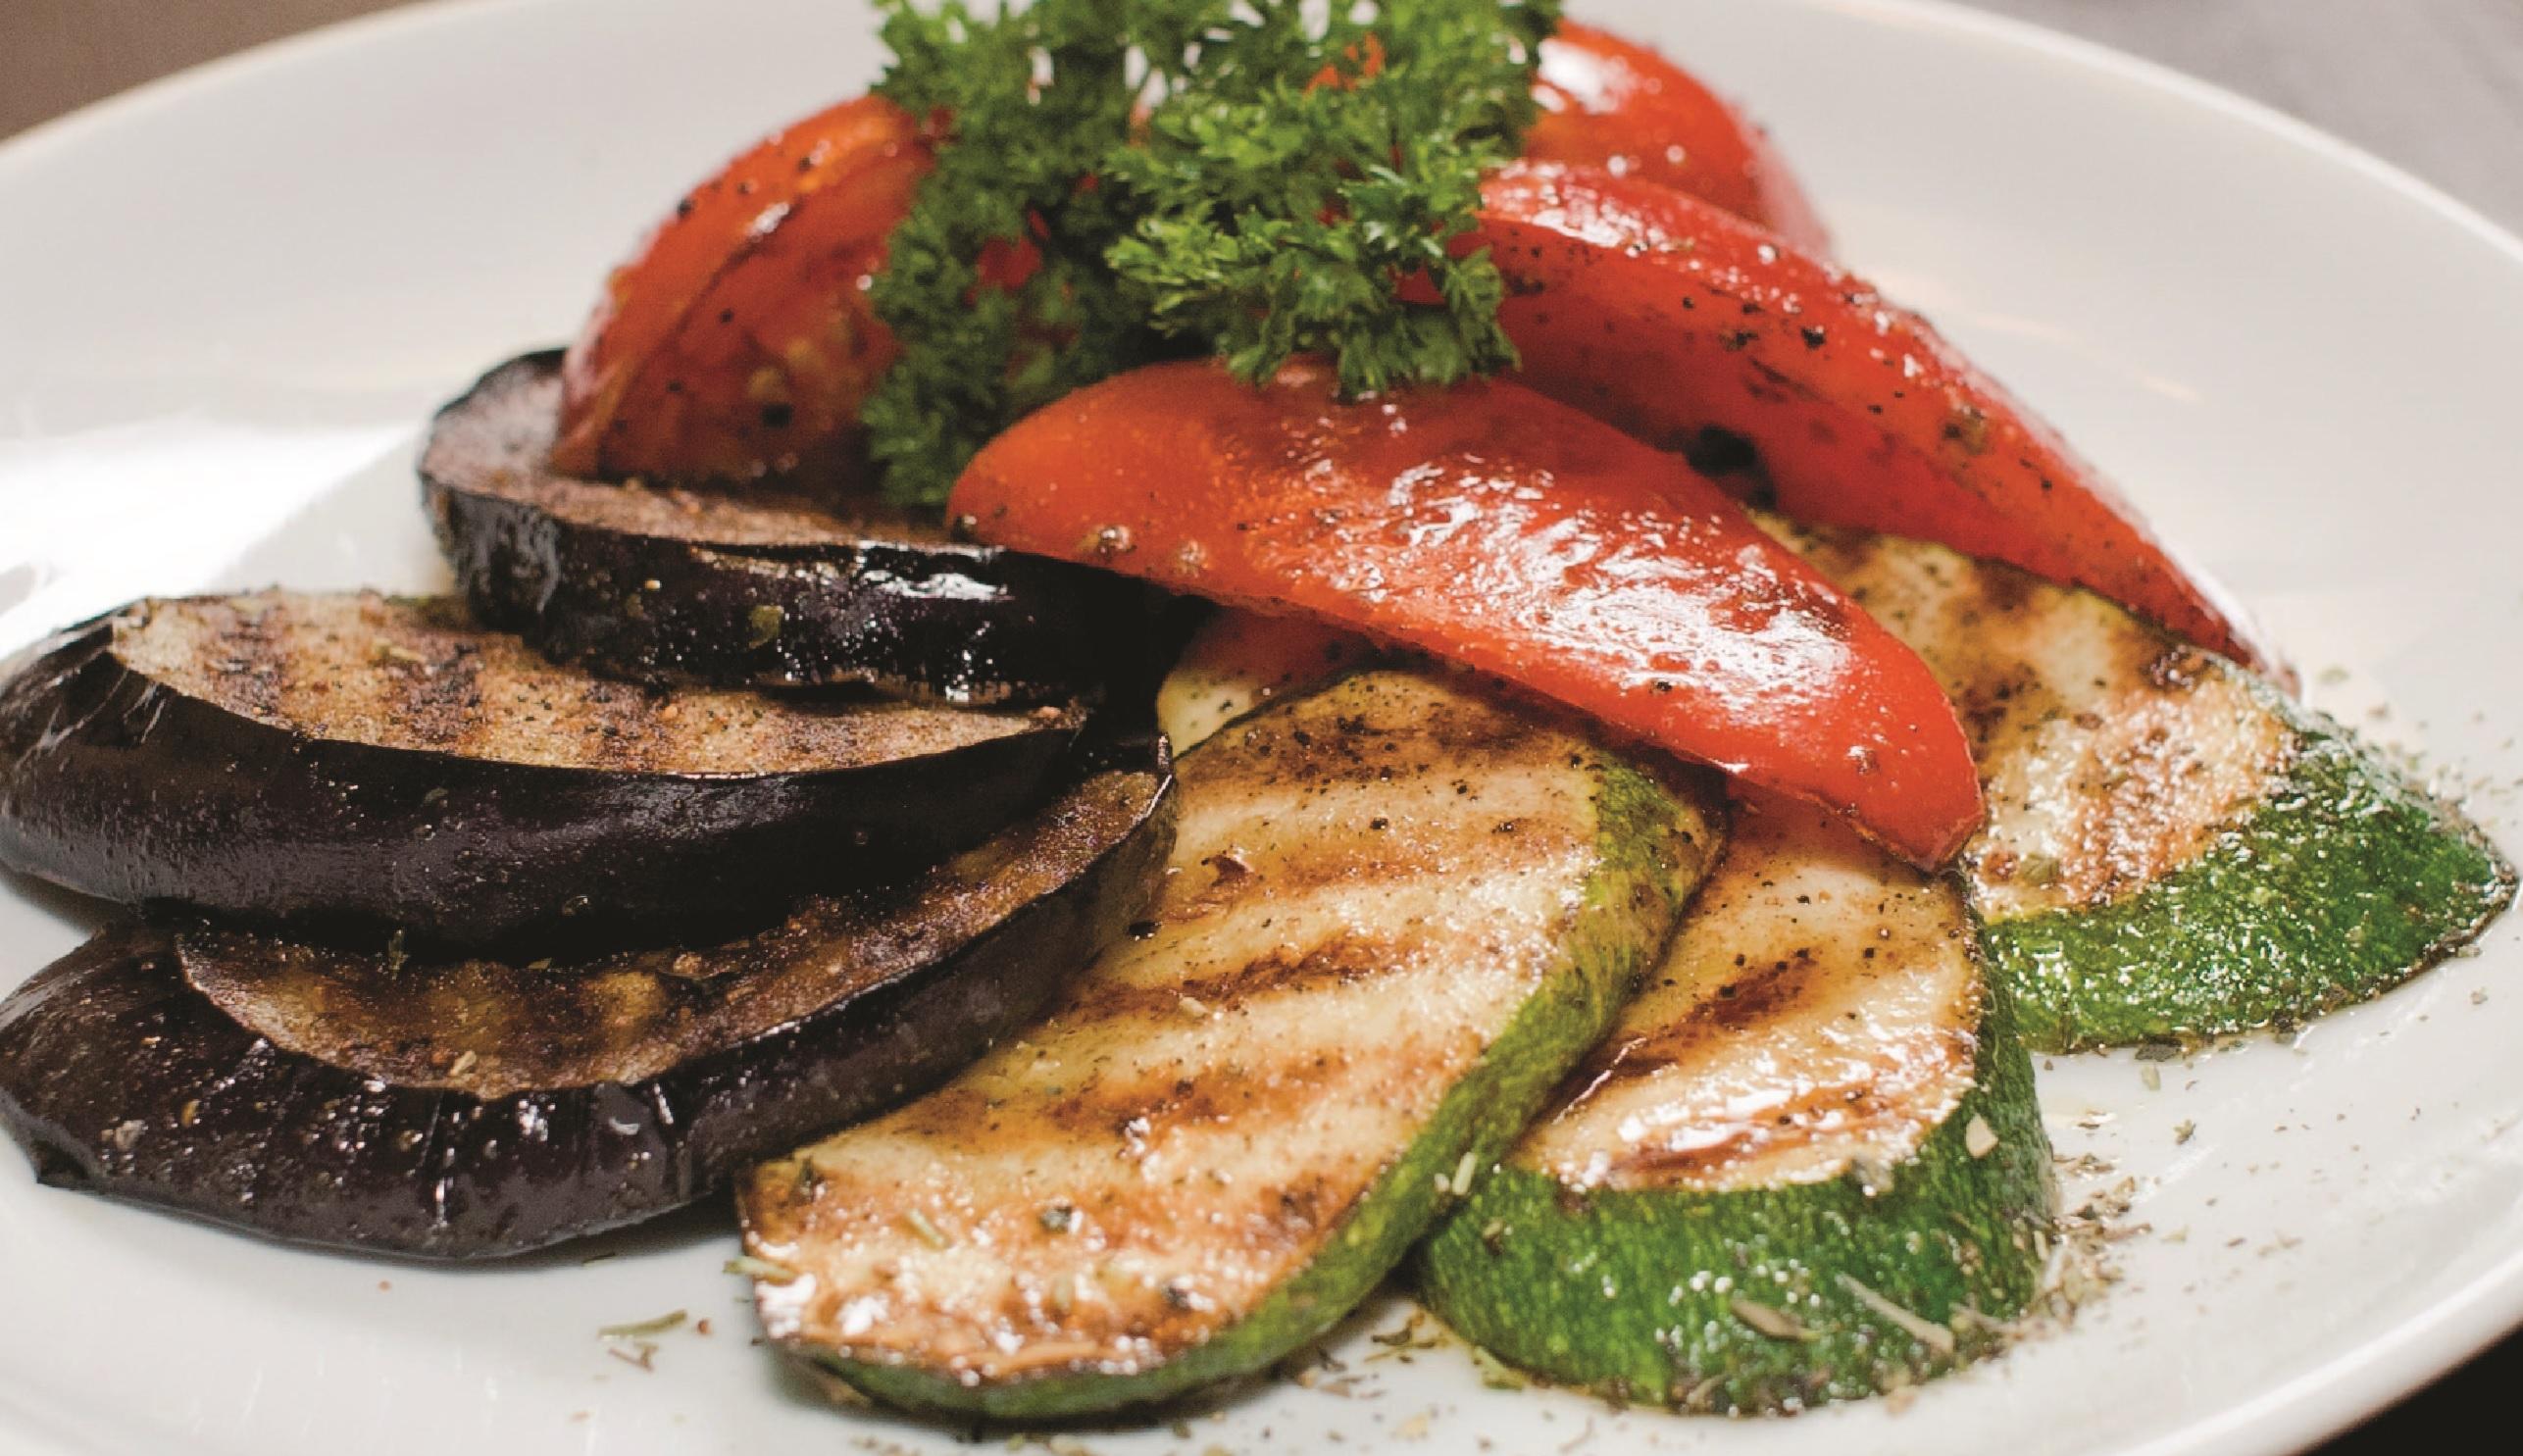 овощи гриль на гриле рецепт в духовке с фото